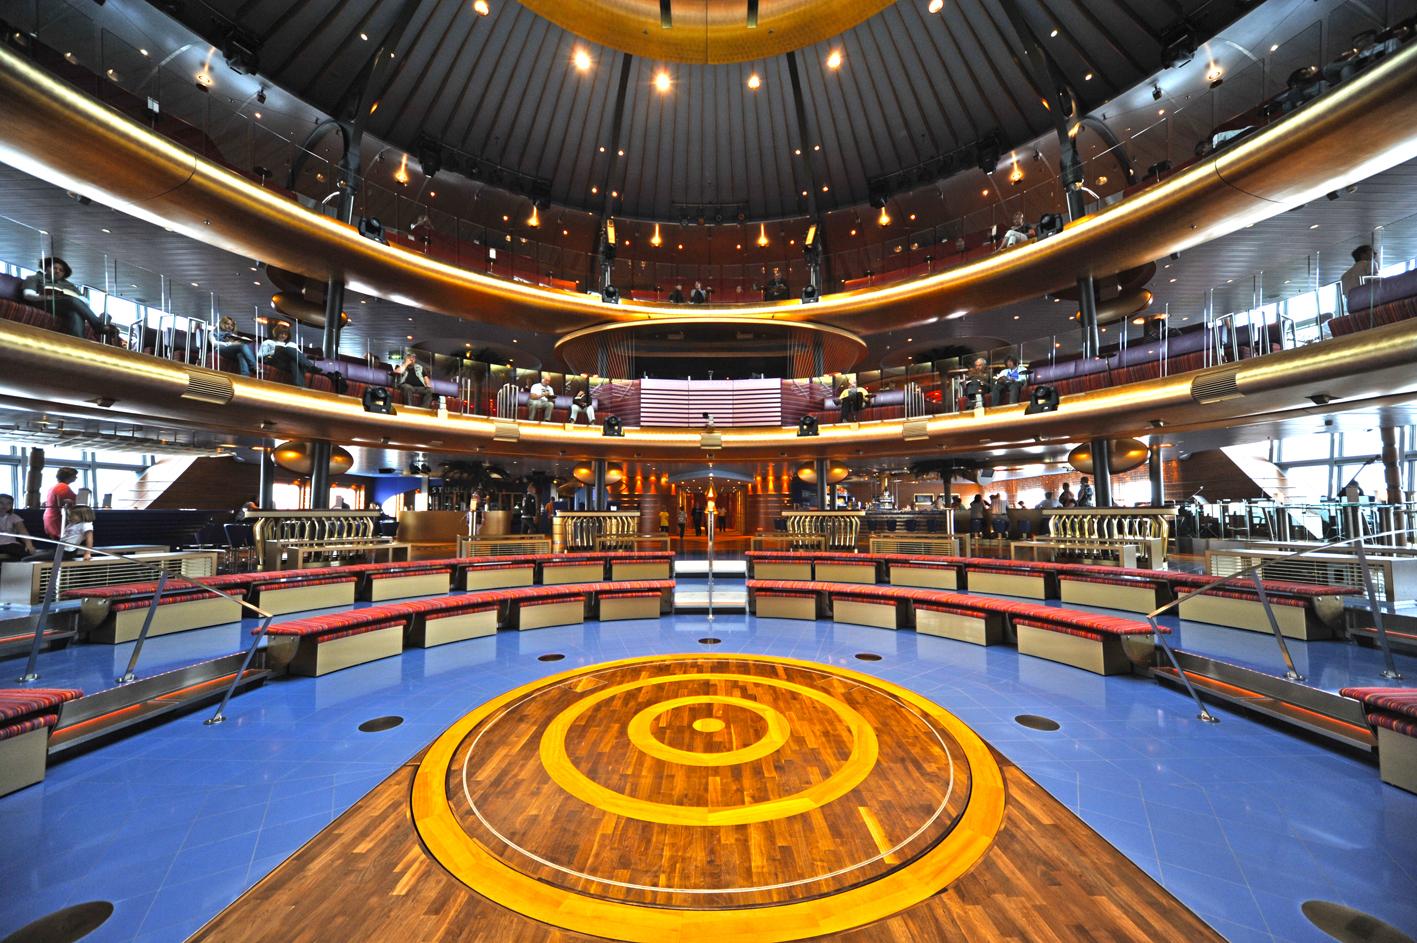 Theatrium Aida - aus Sicht des Künstlers